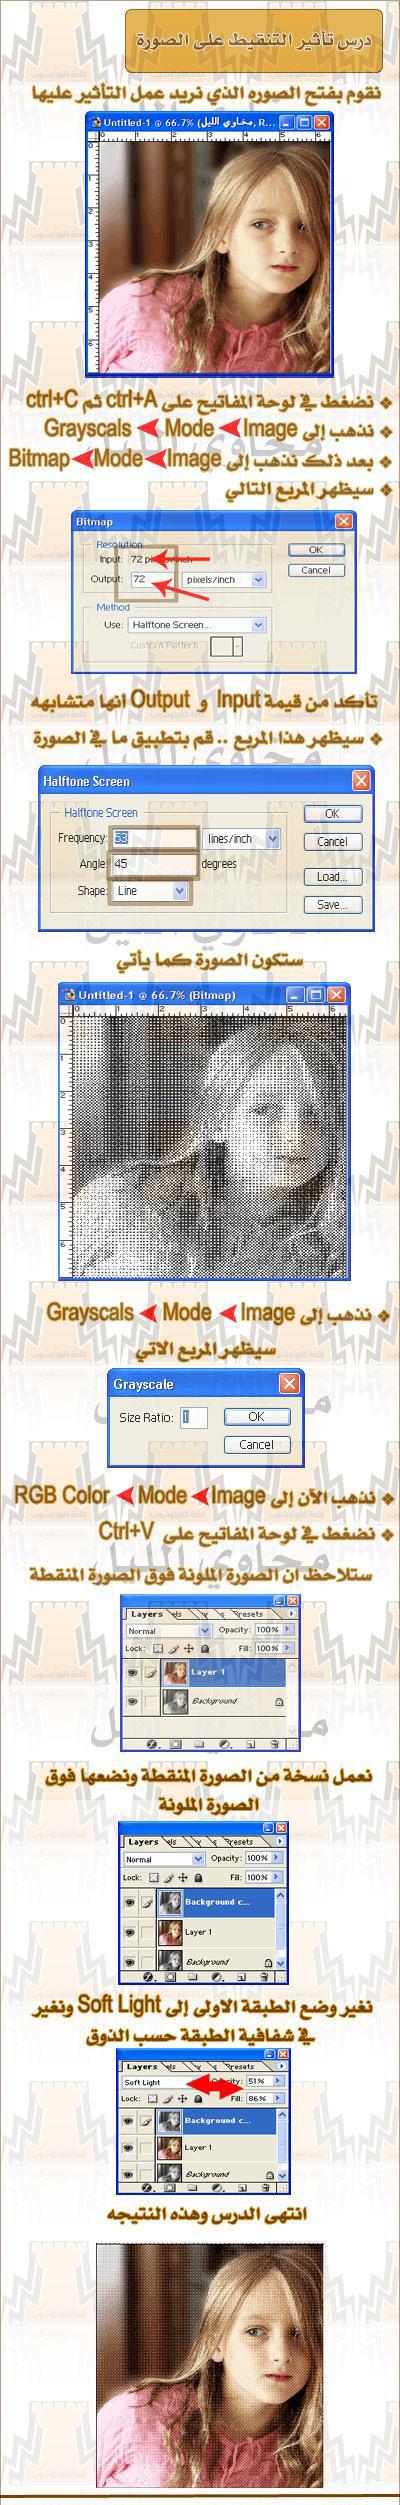 درســ يضيف لمسة جميلة للصور..!